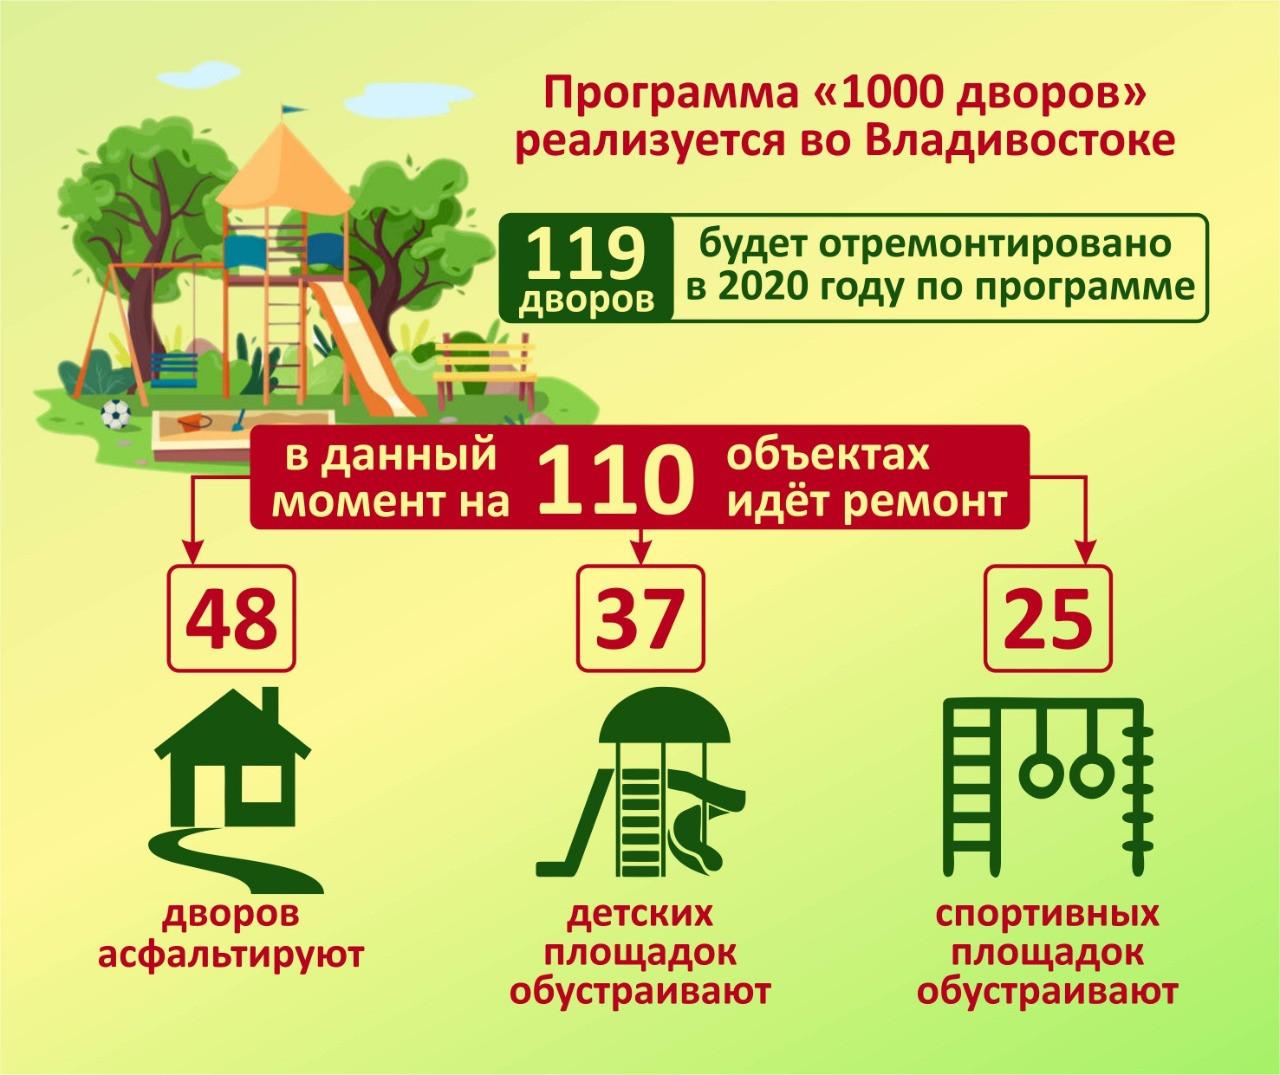 Комплексный ремонт по нацпроекту проходит в 110 дворах Владивостока